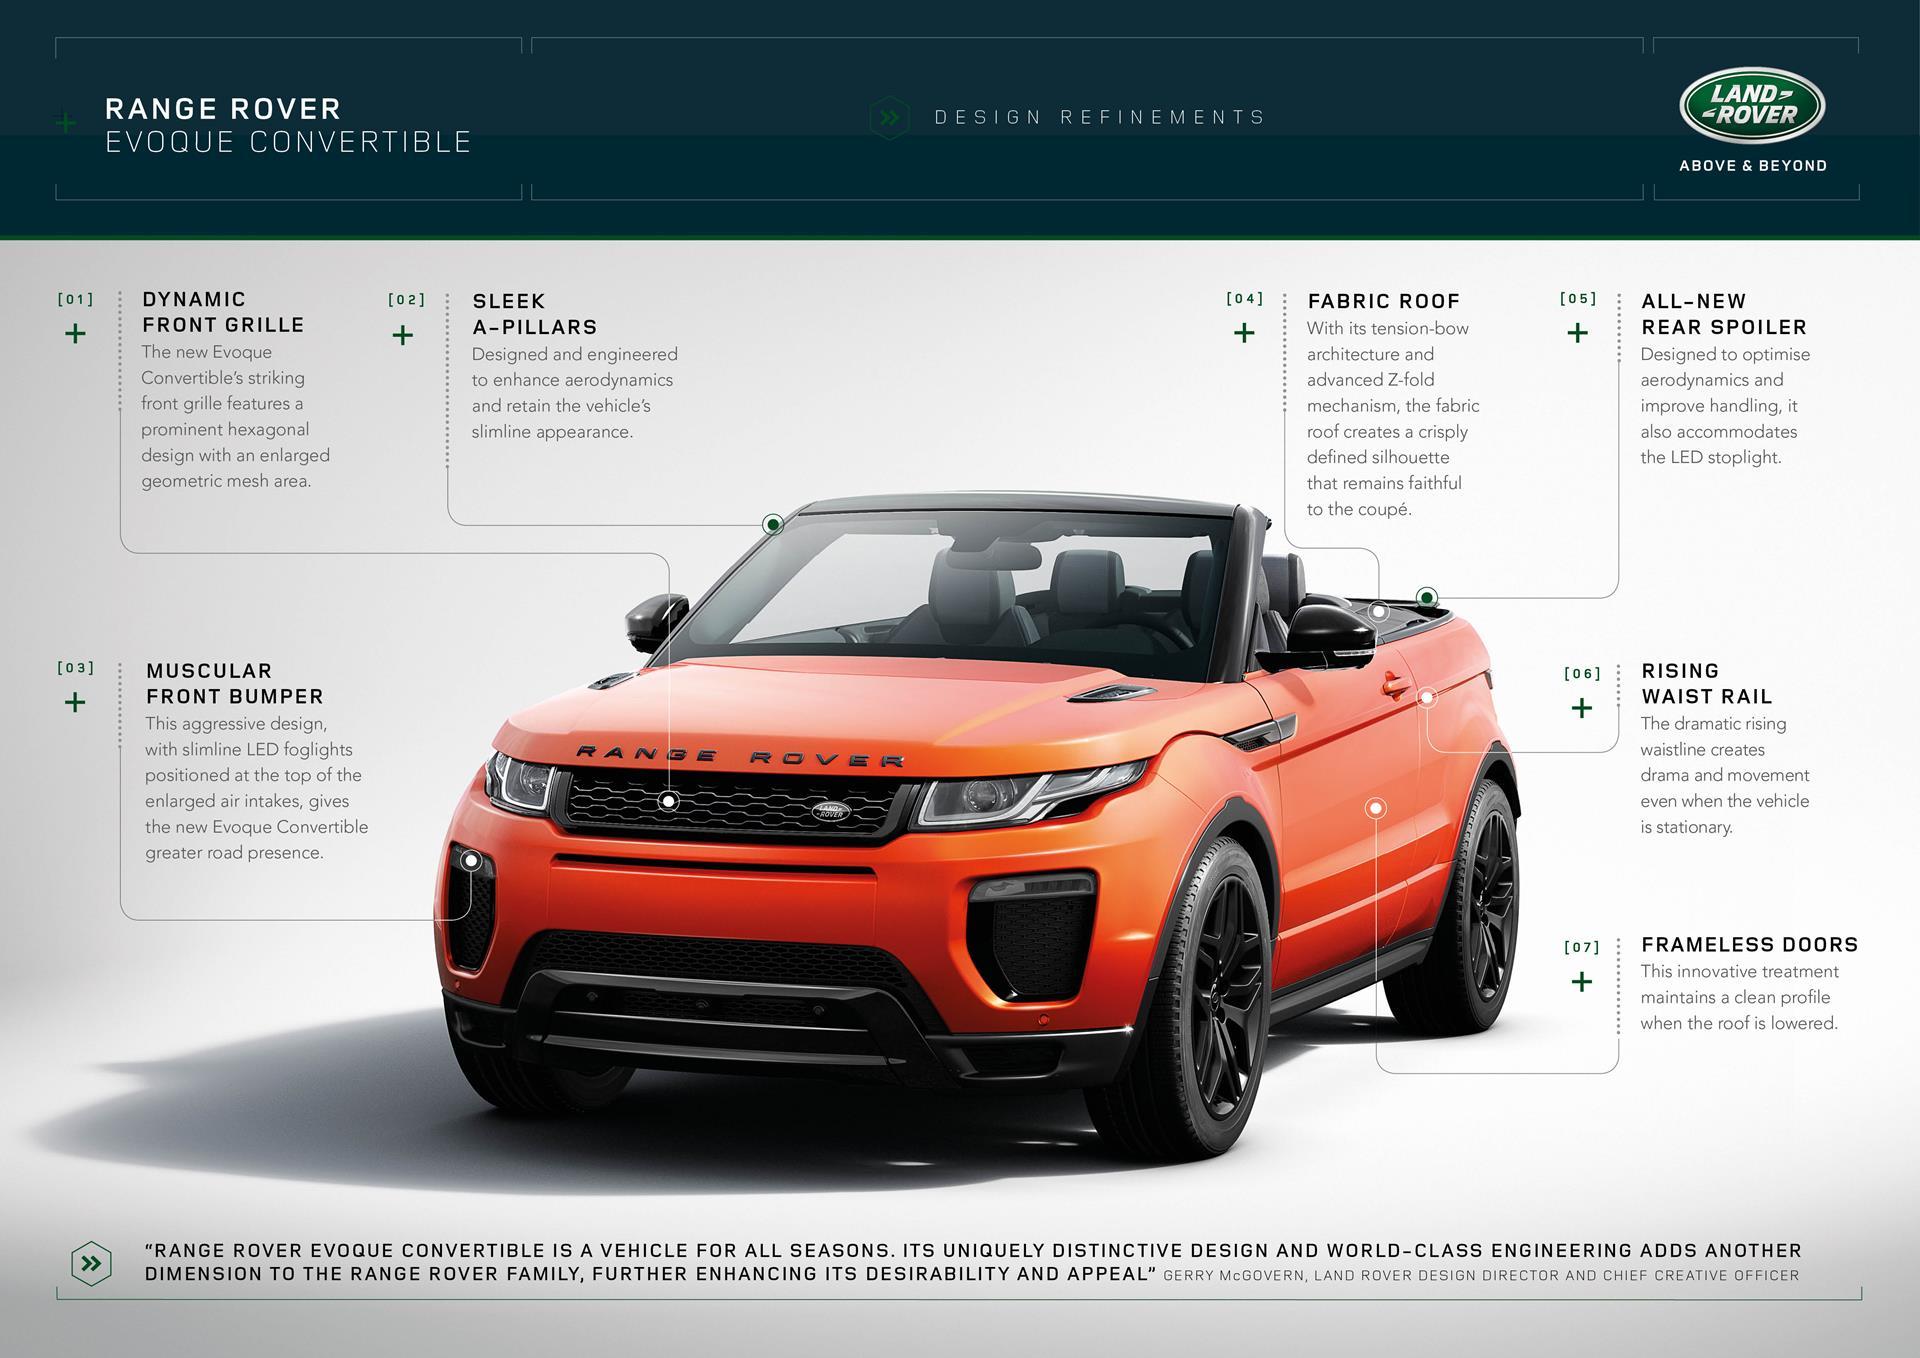 2016 Land Rover Range Rover Evoque Convertible conceptcarz